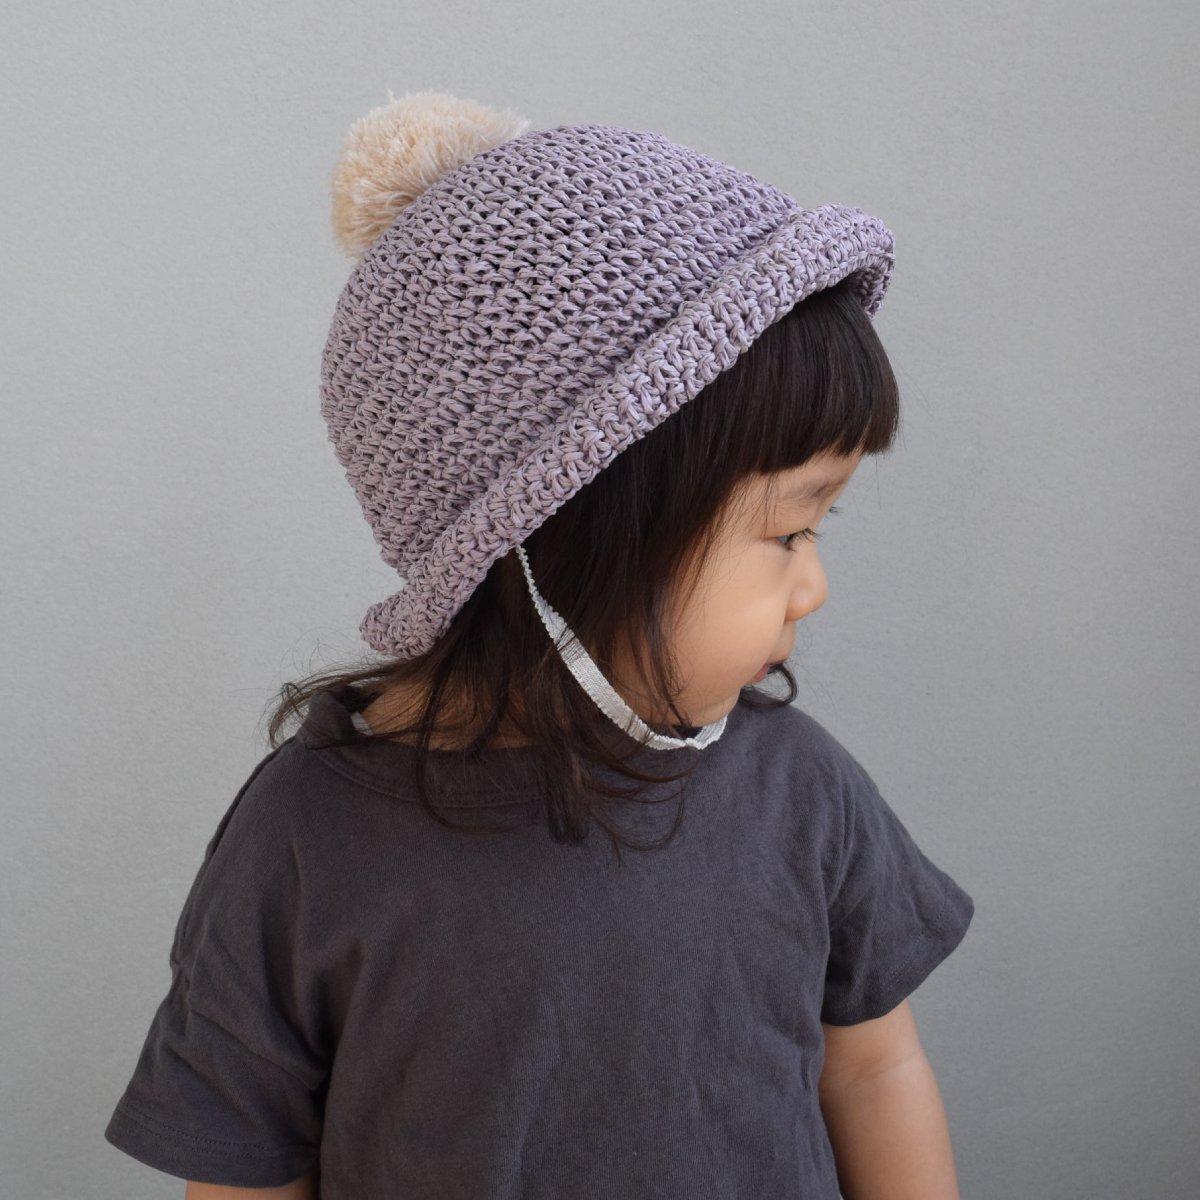 【BABY】Pon Coron Hat 詳細画像18